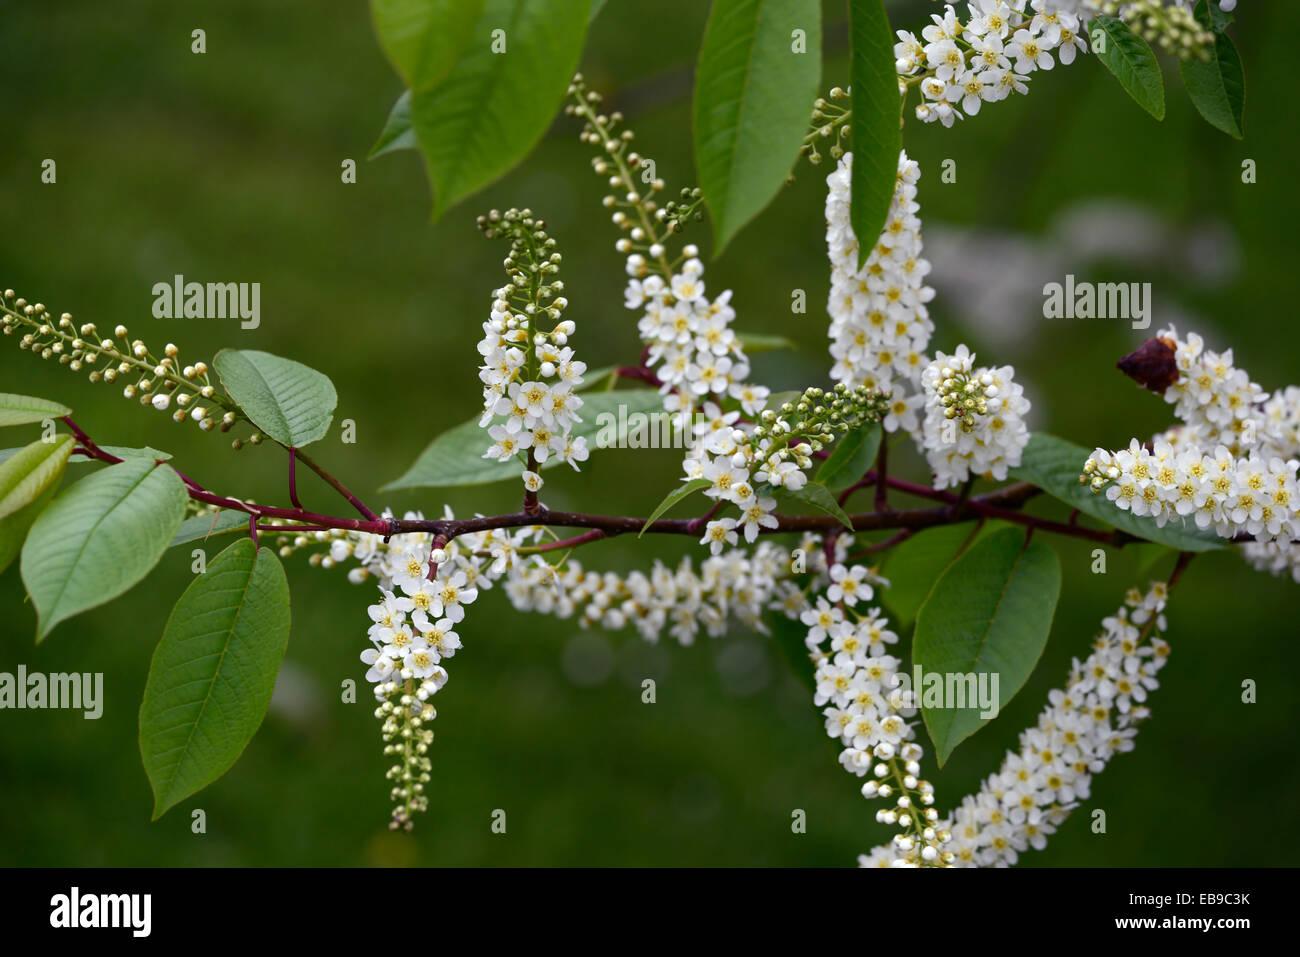 prunus padus watereri AGM Bird Cherry Tree white flowers spike Stock ...